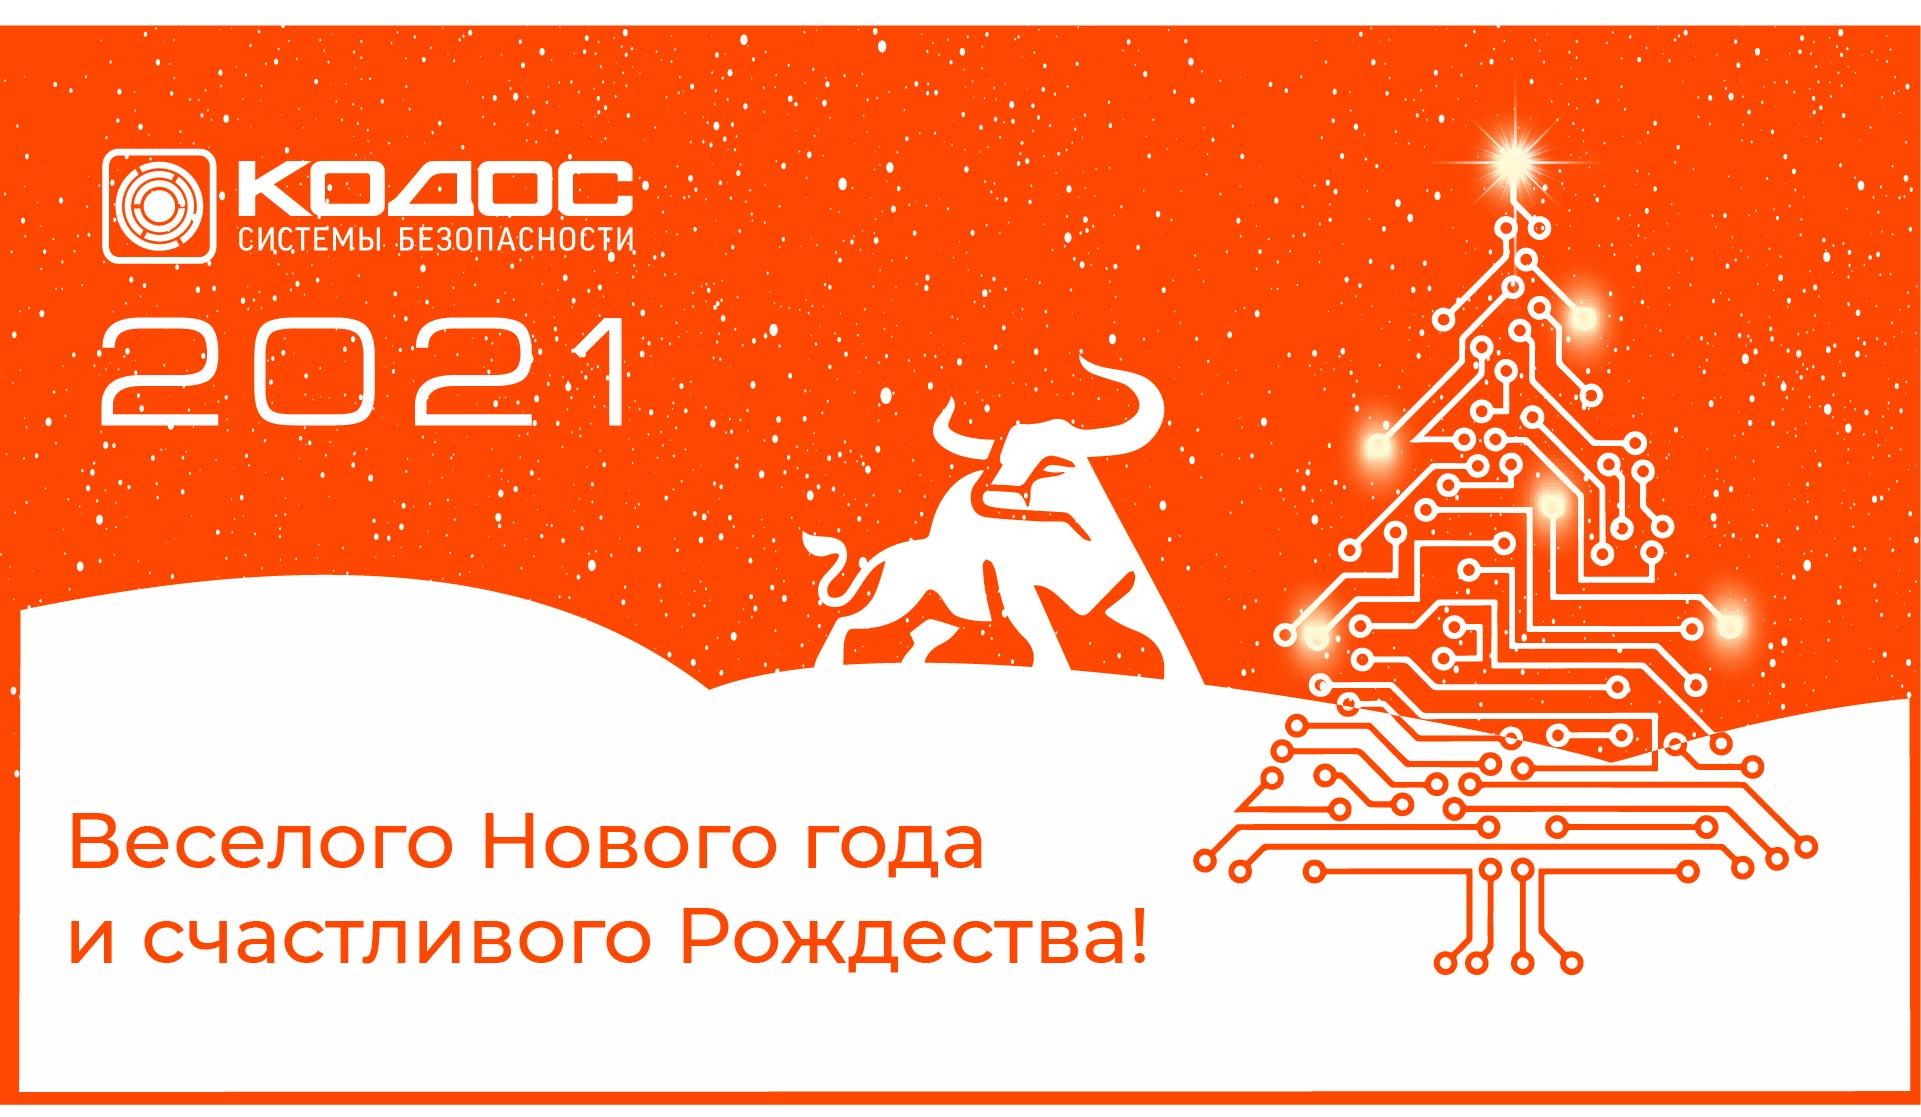 Компания КОДОС поздравляет коллег и партнеров с Новым годом и Рождеством!